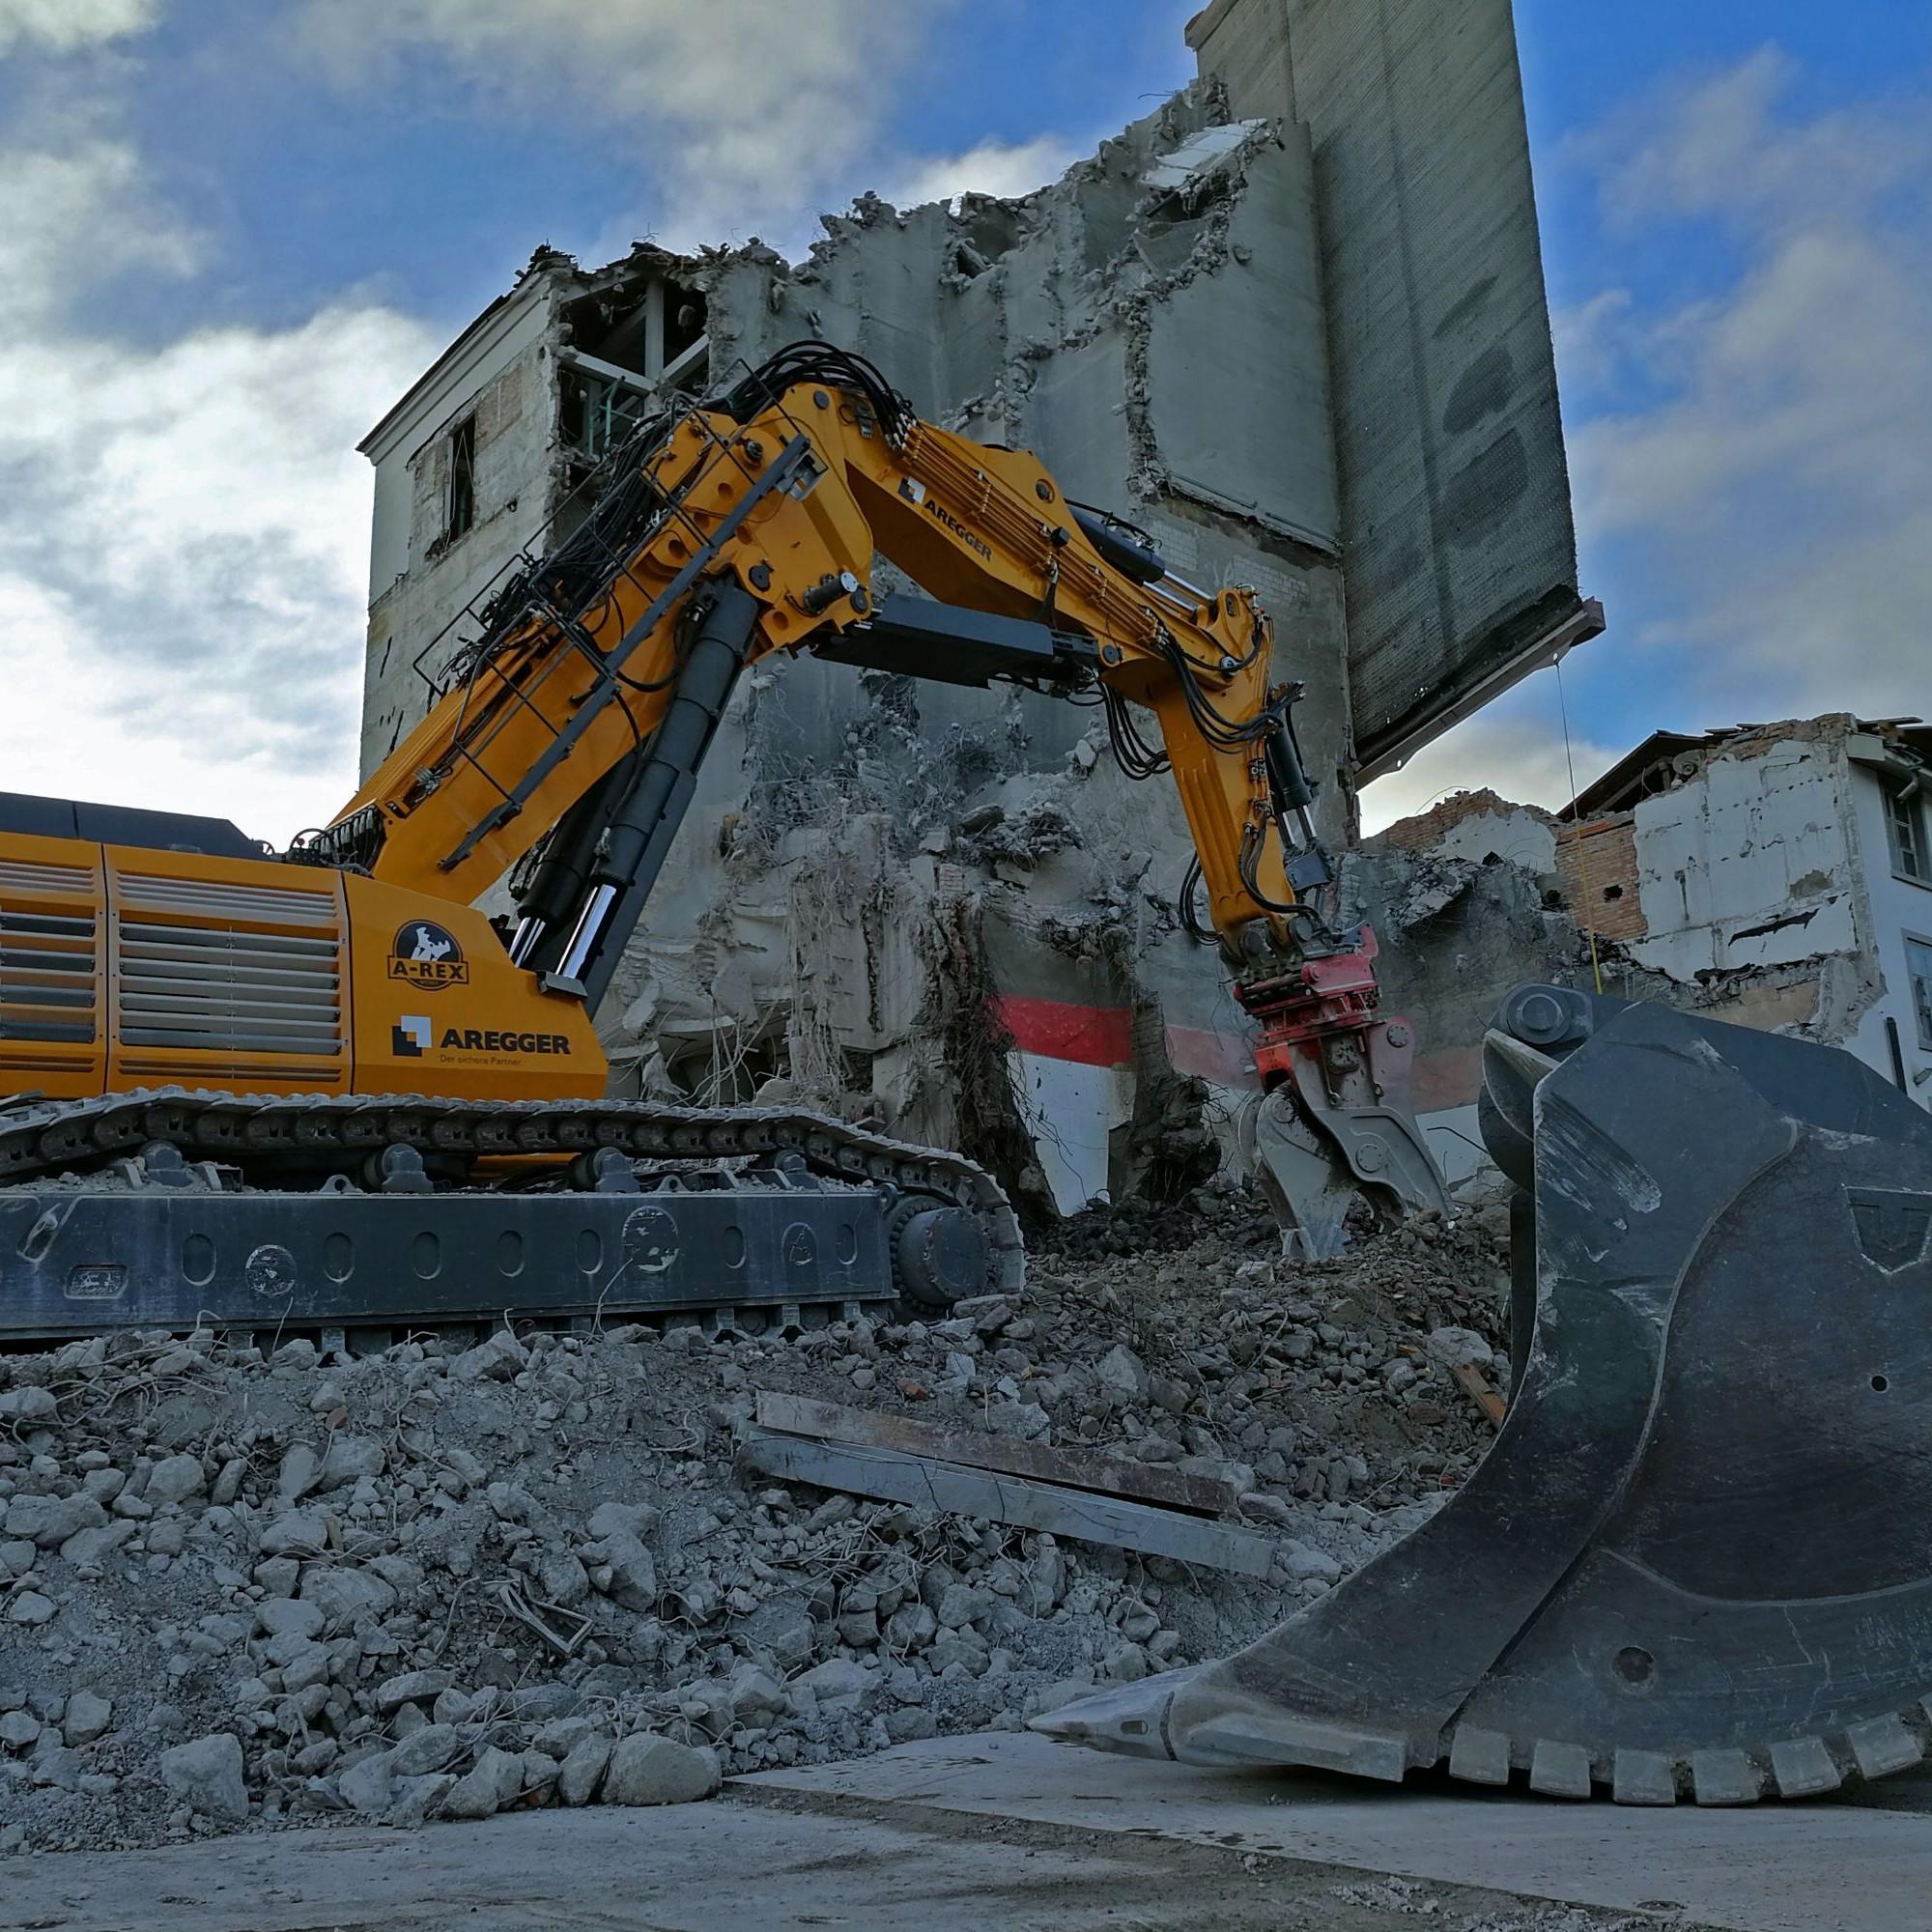 Die monströse Baggerschaufel wartet auf ihren Einsatz, während der A-Rex M9300 Mauerstücke mit einer überdimensionalen Beisszange herausreisst.